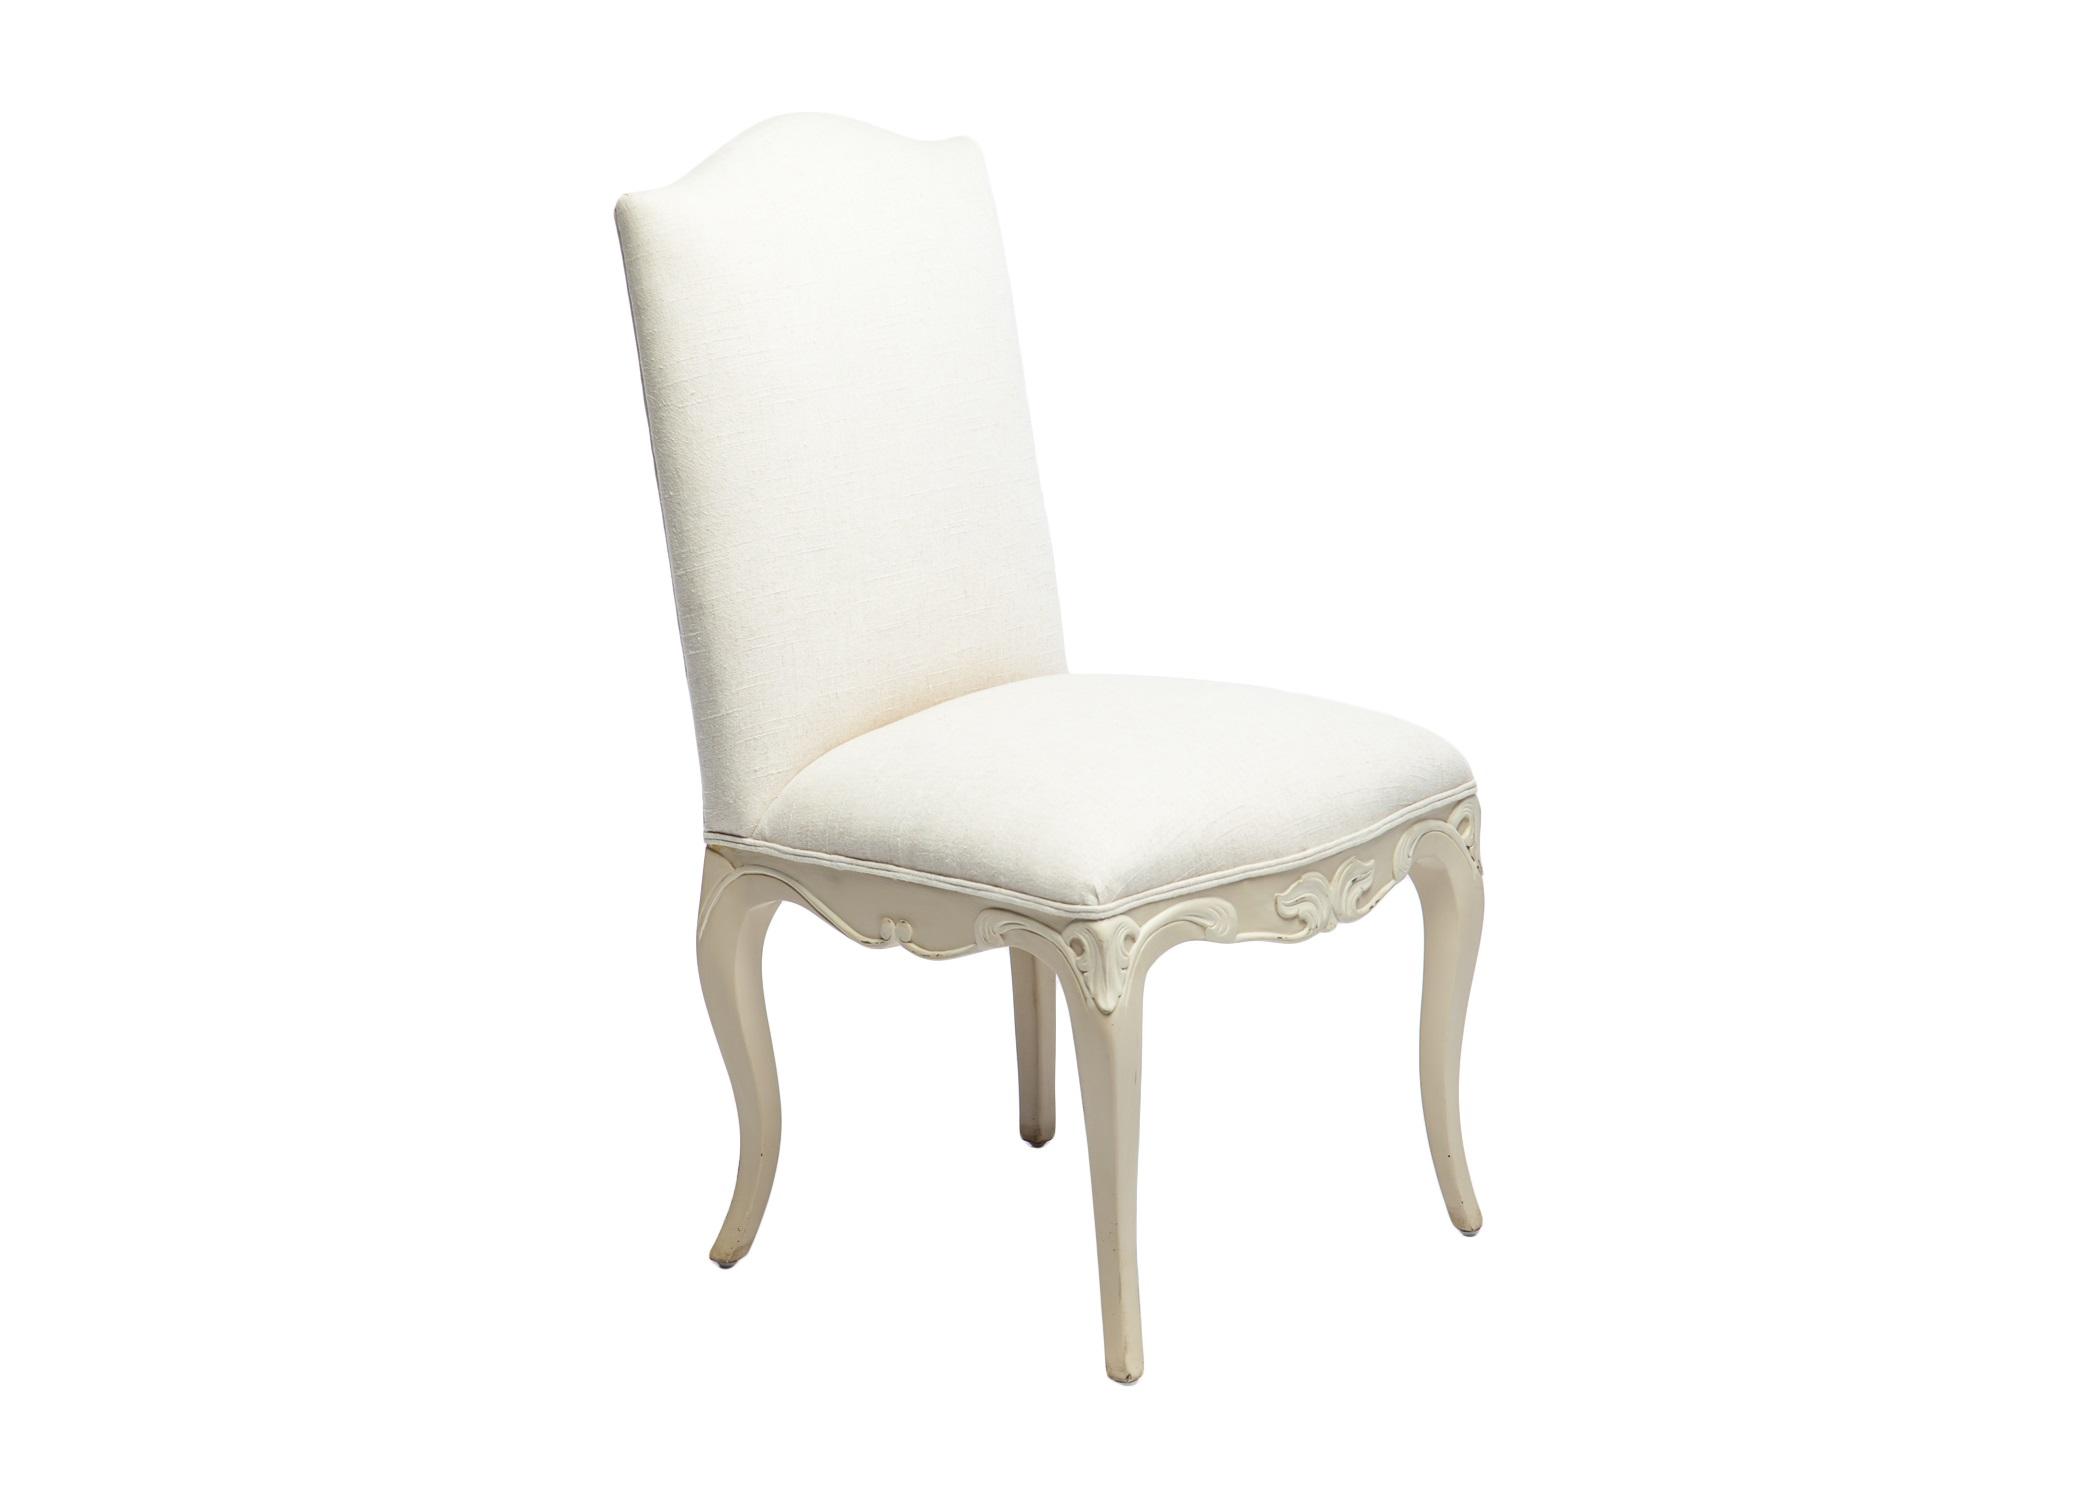 Стул ЭлеонораОбеденные стулья<br>Стул обеденный классический с прямоугольной мягкой спинкой, украшен резьбой и старением.<br><br>Material: Текстиль<br>Width см: 59<br>Depth см: 53<br>Height см: 99